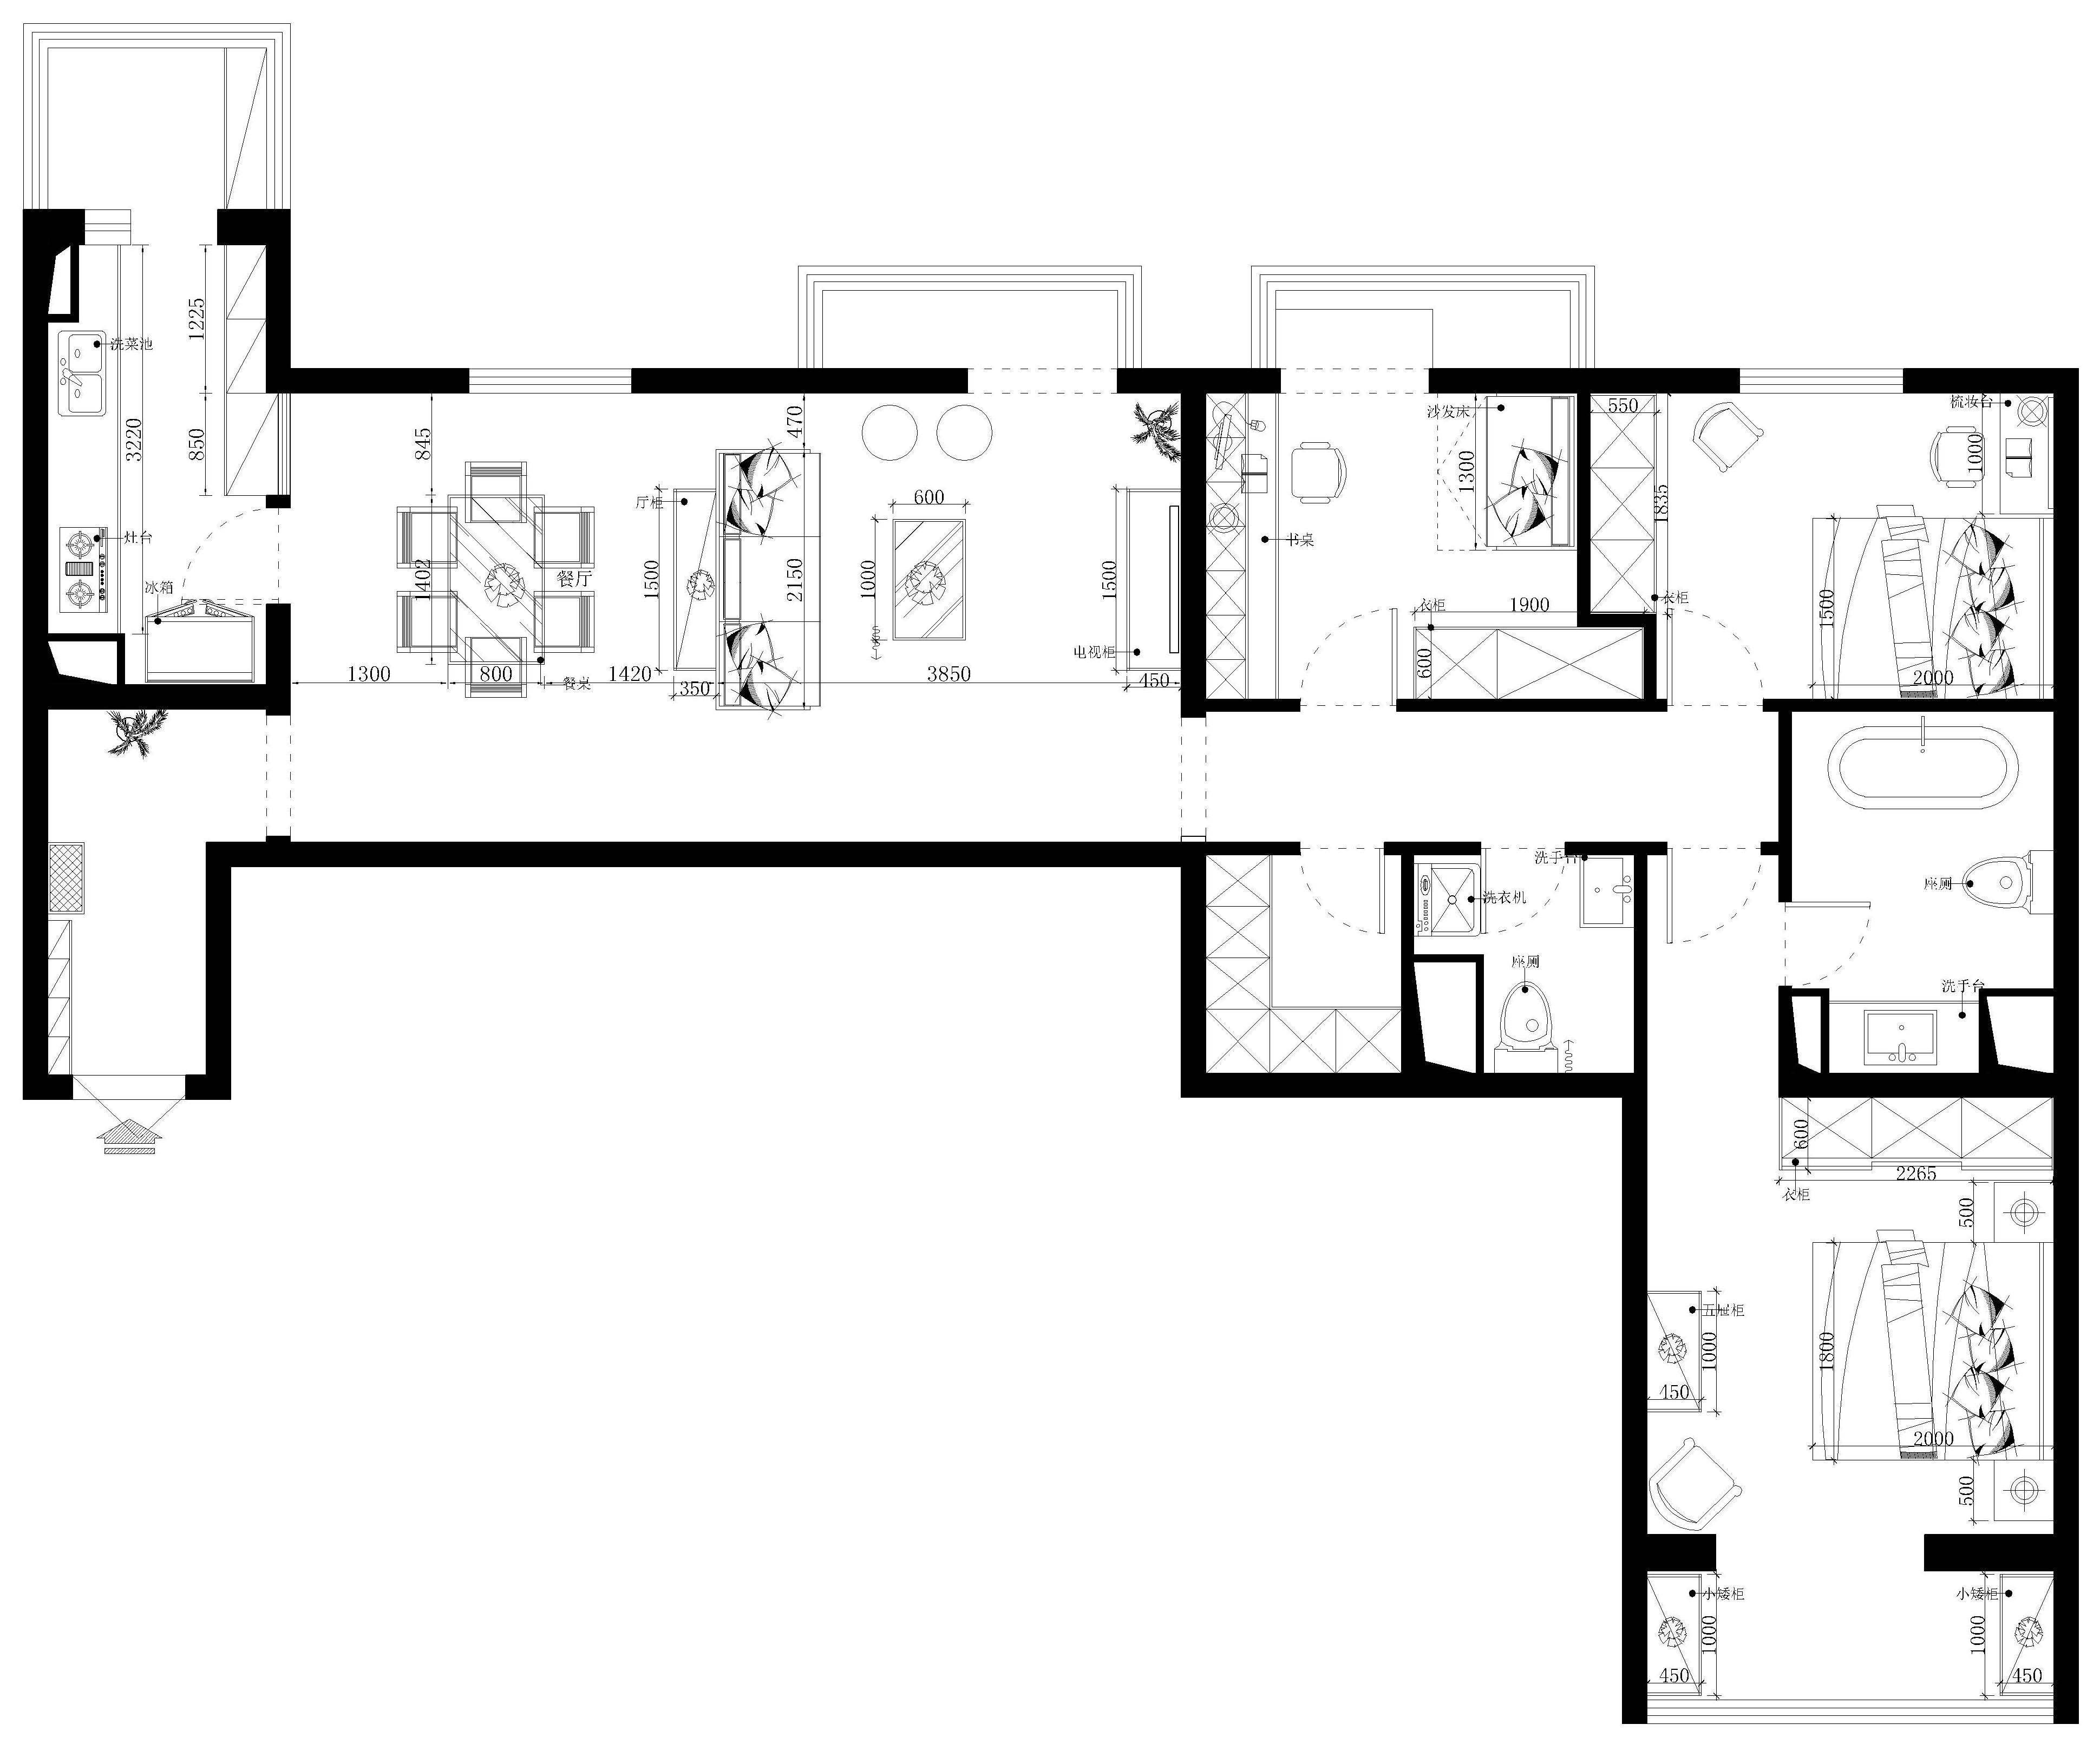 都汇华庭 简美风格 120平米装修设计理念